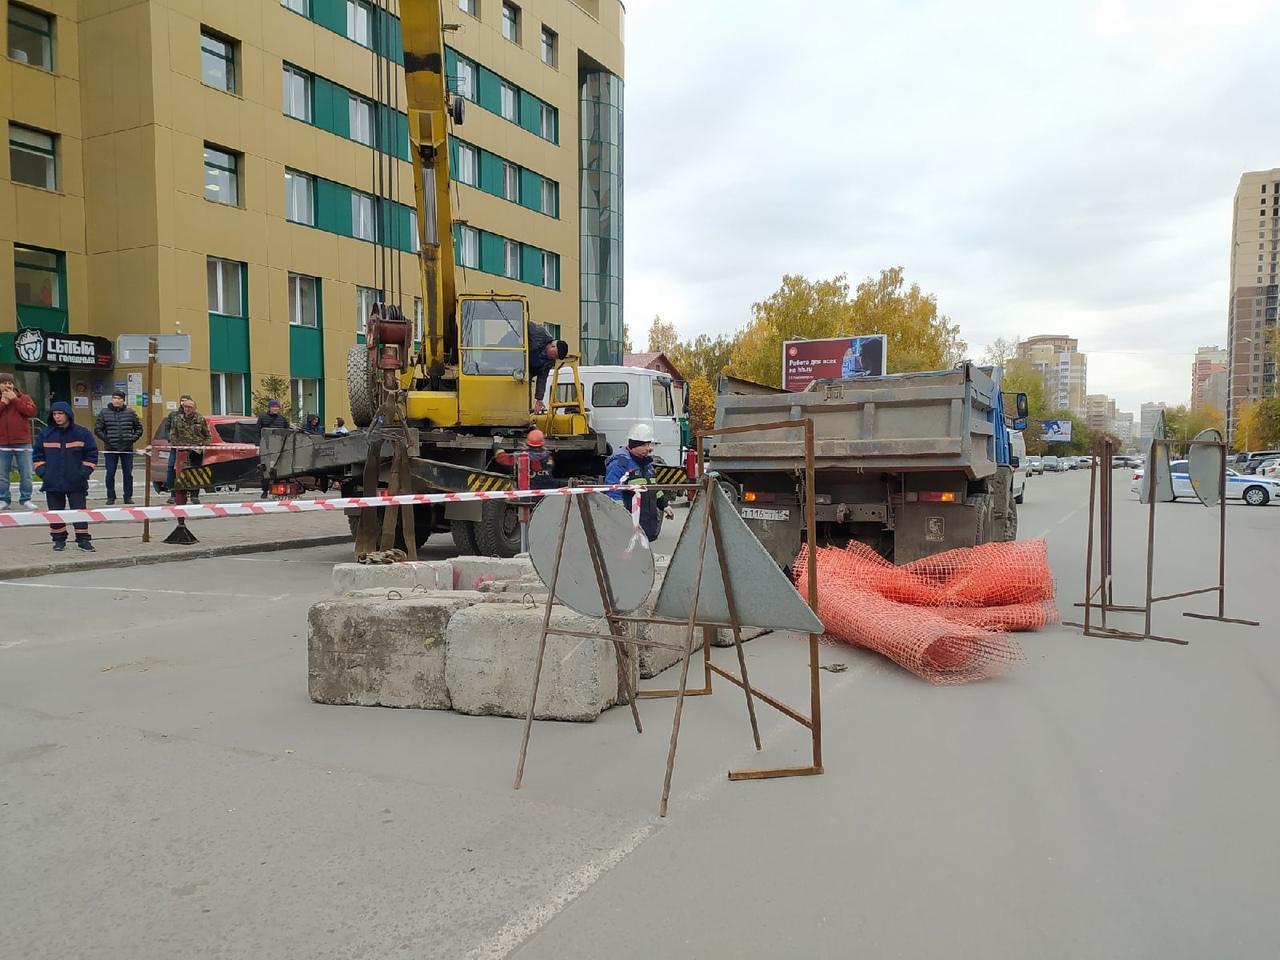 Фото Появились фото с места провала машин в яму с кипятком в Новосибирске 5